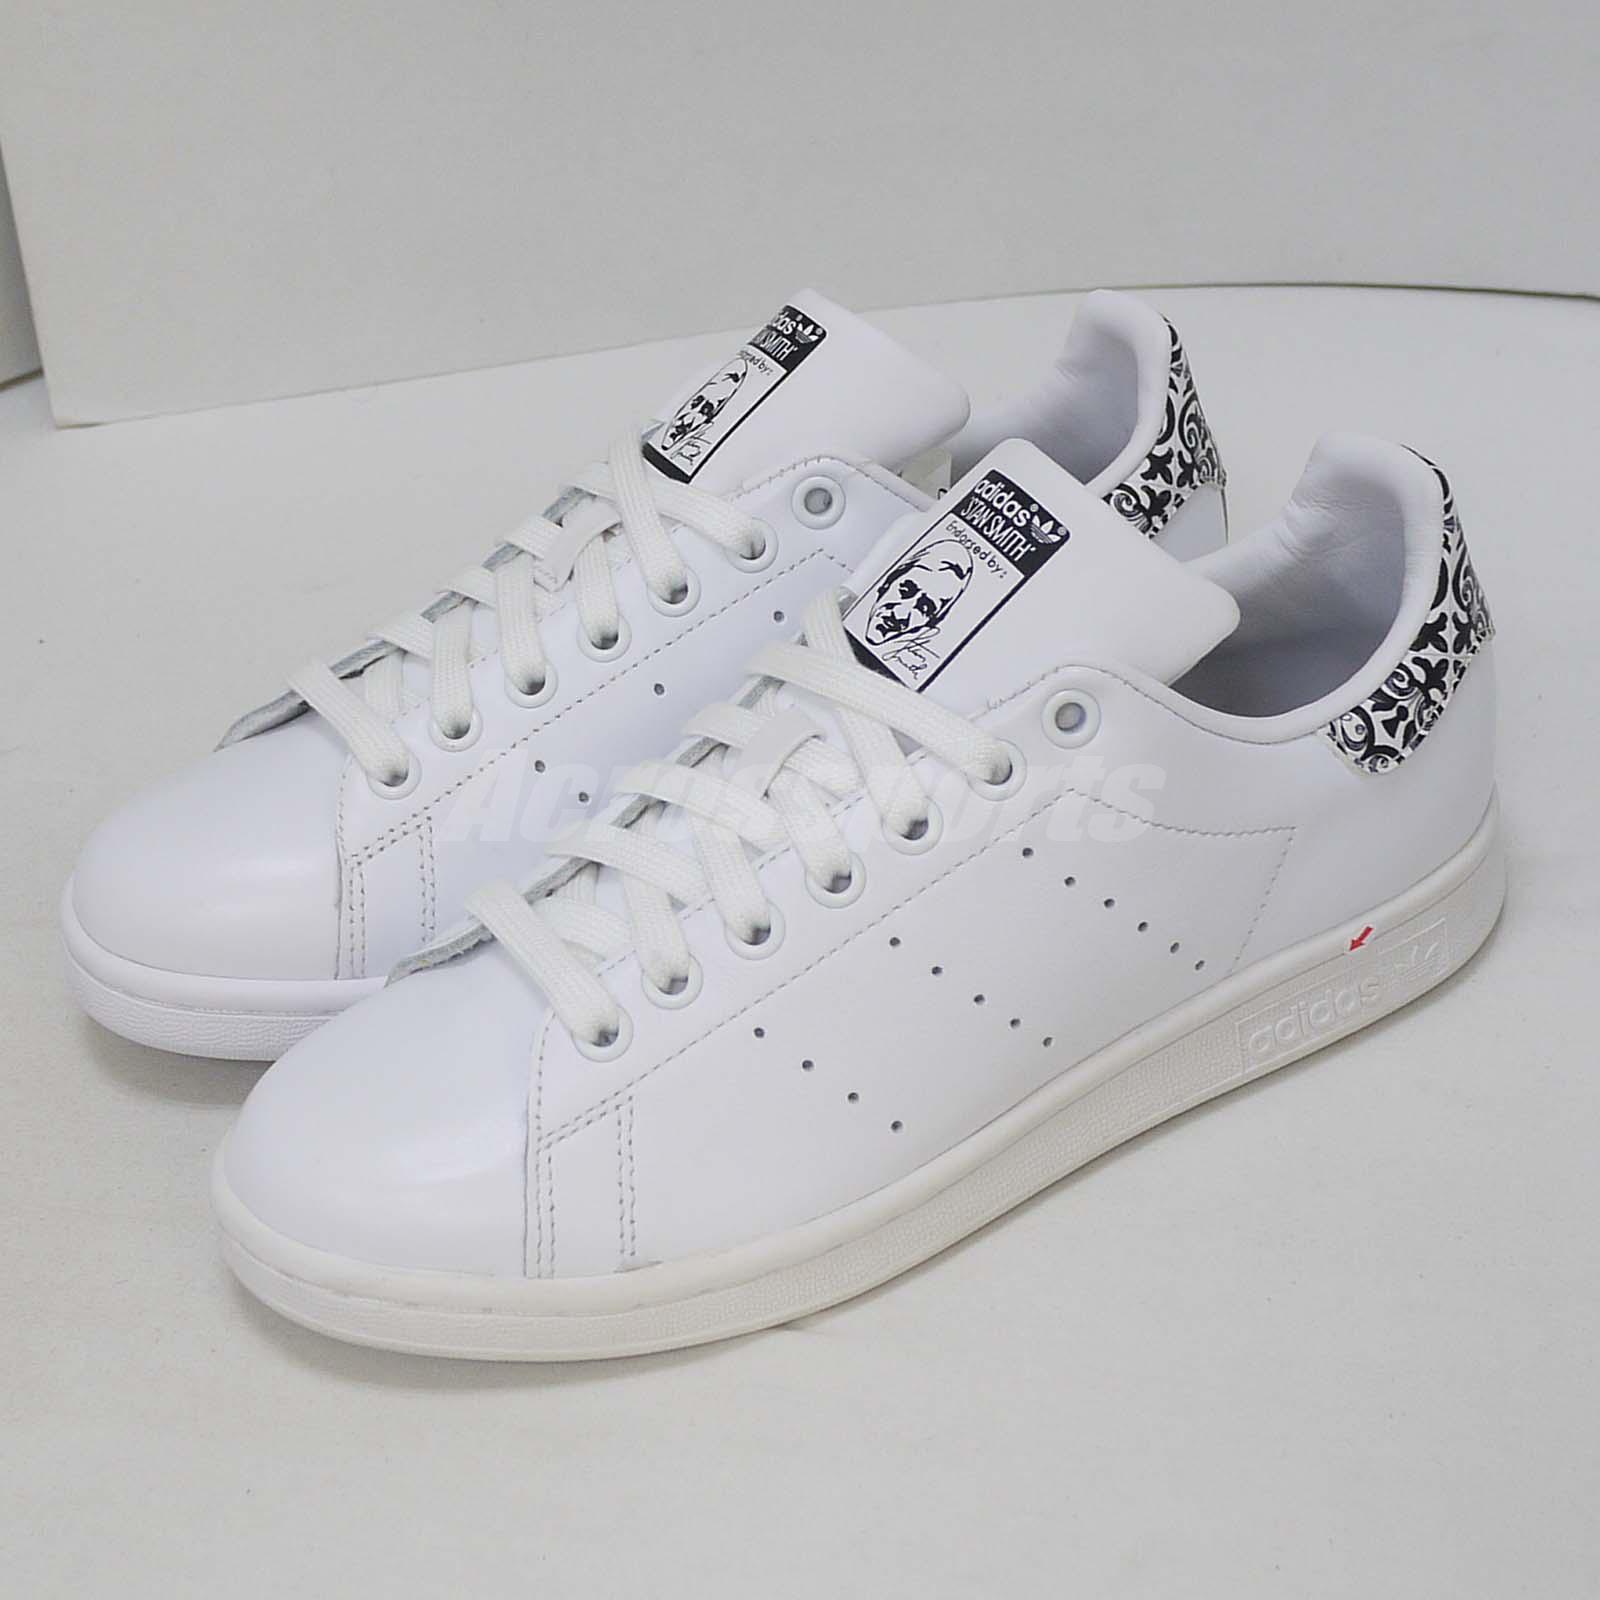 Shoes Adidas Display W White Smith Stan Ebay Cp9715 Midsole Yellow RFTFxwXp